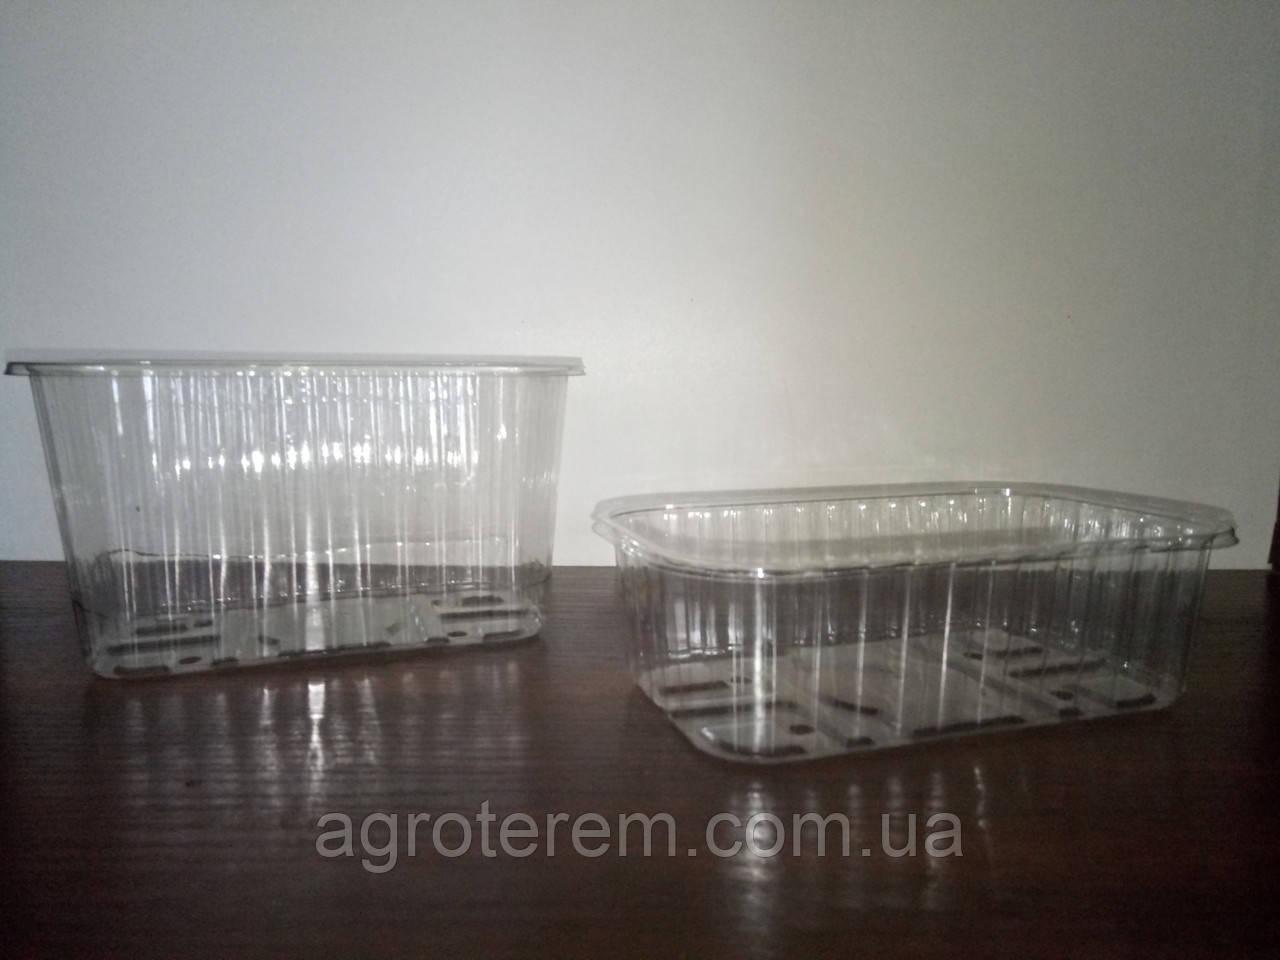 Пинетки для клубники (ягод) 1000г - Agroterem в Одессе